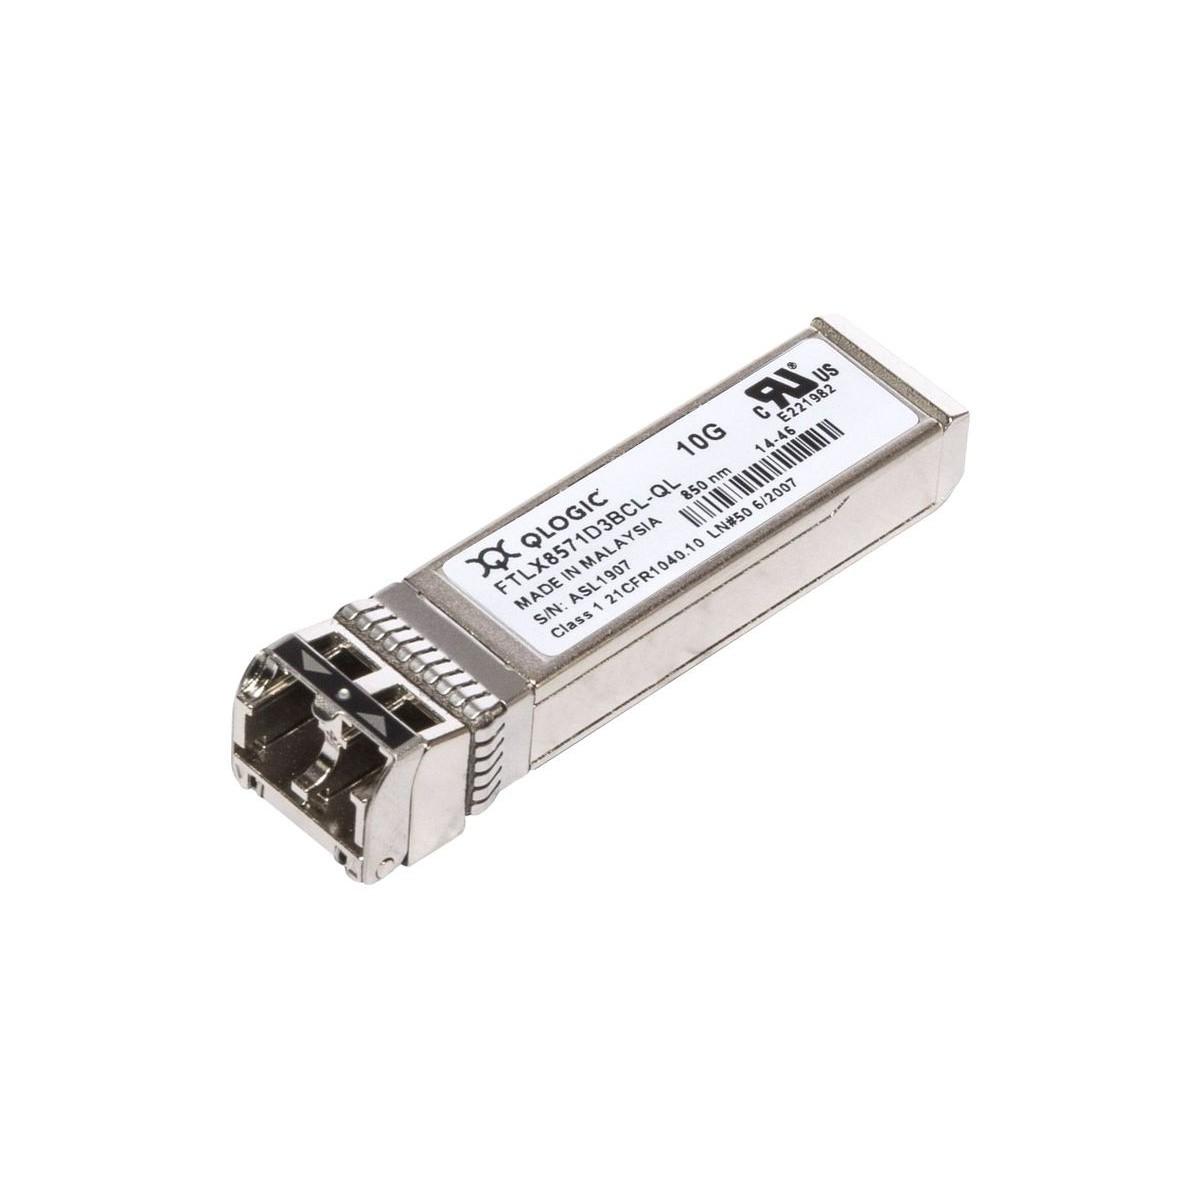 DYSK DELL 73GB SAS 15K 3G 16MB 2,5'' 0RW675